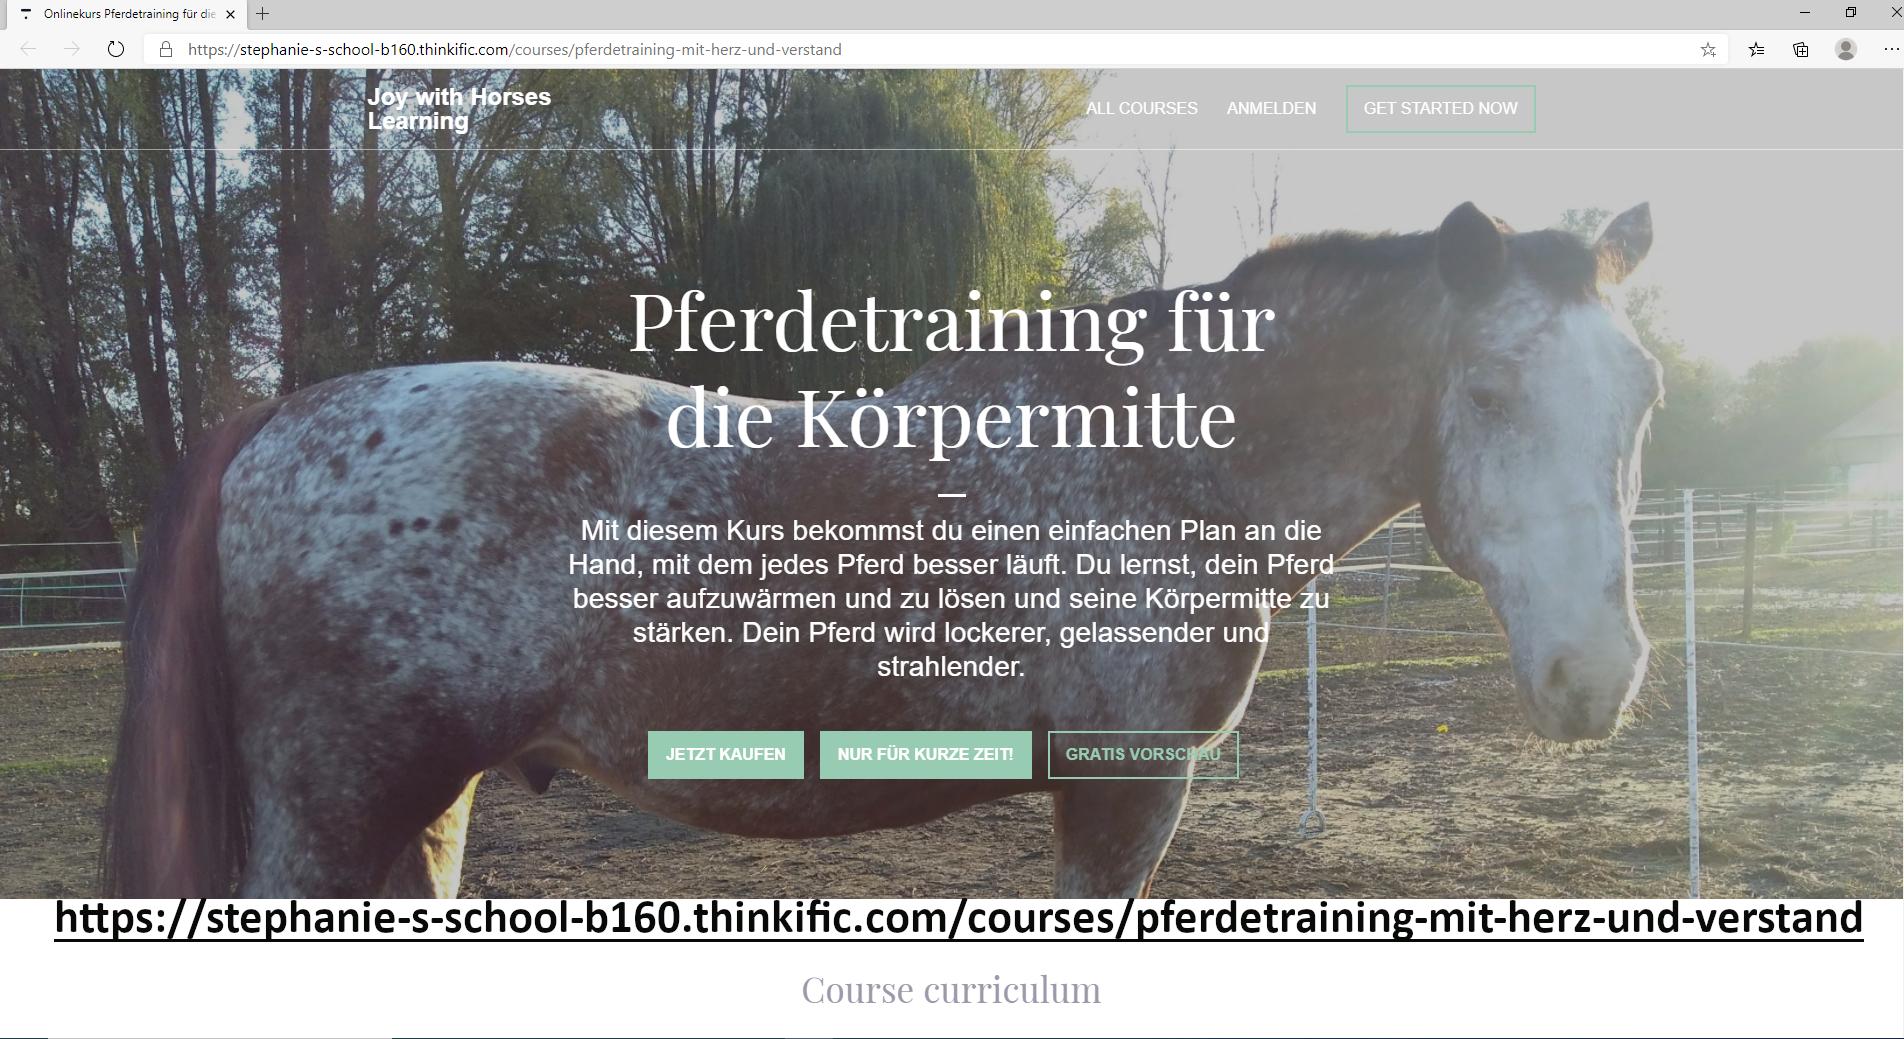 Pferdetraining für die Körpermitte